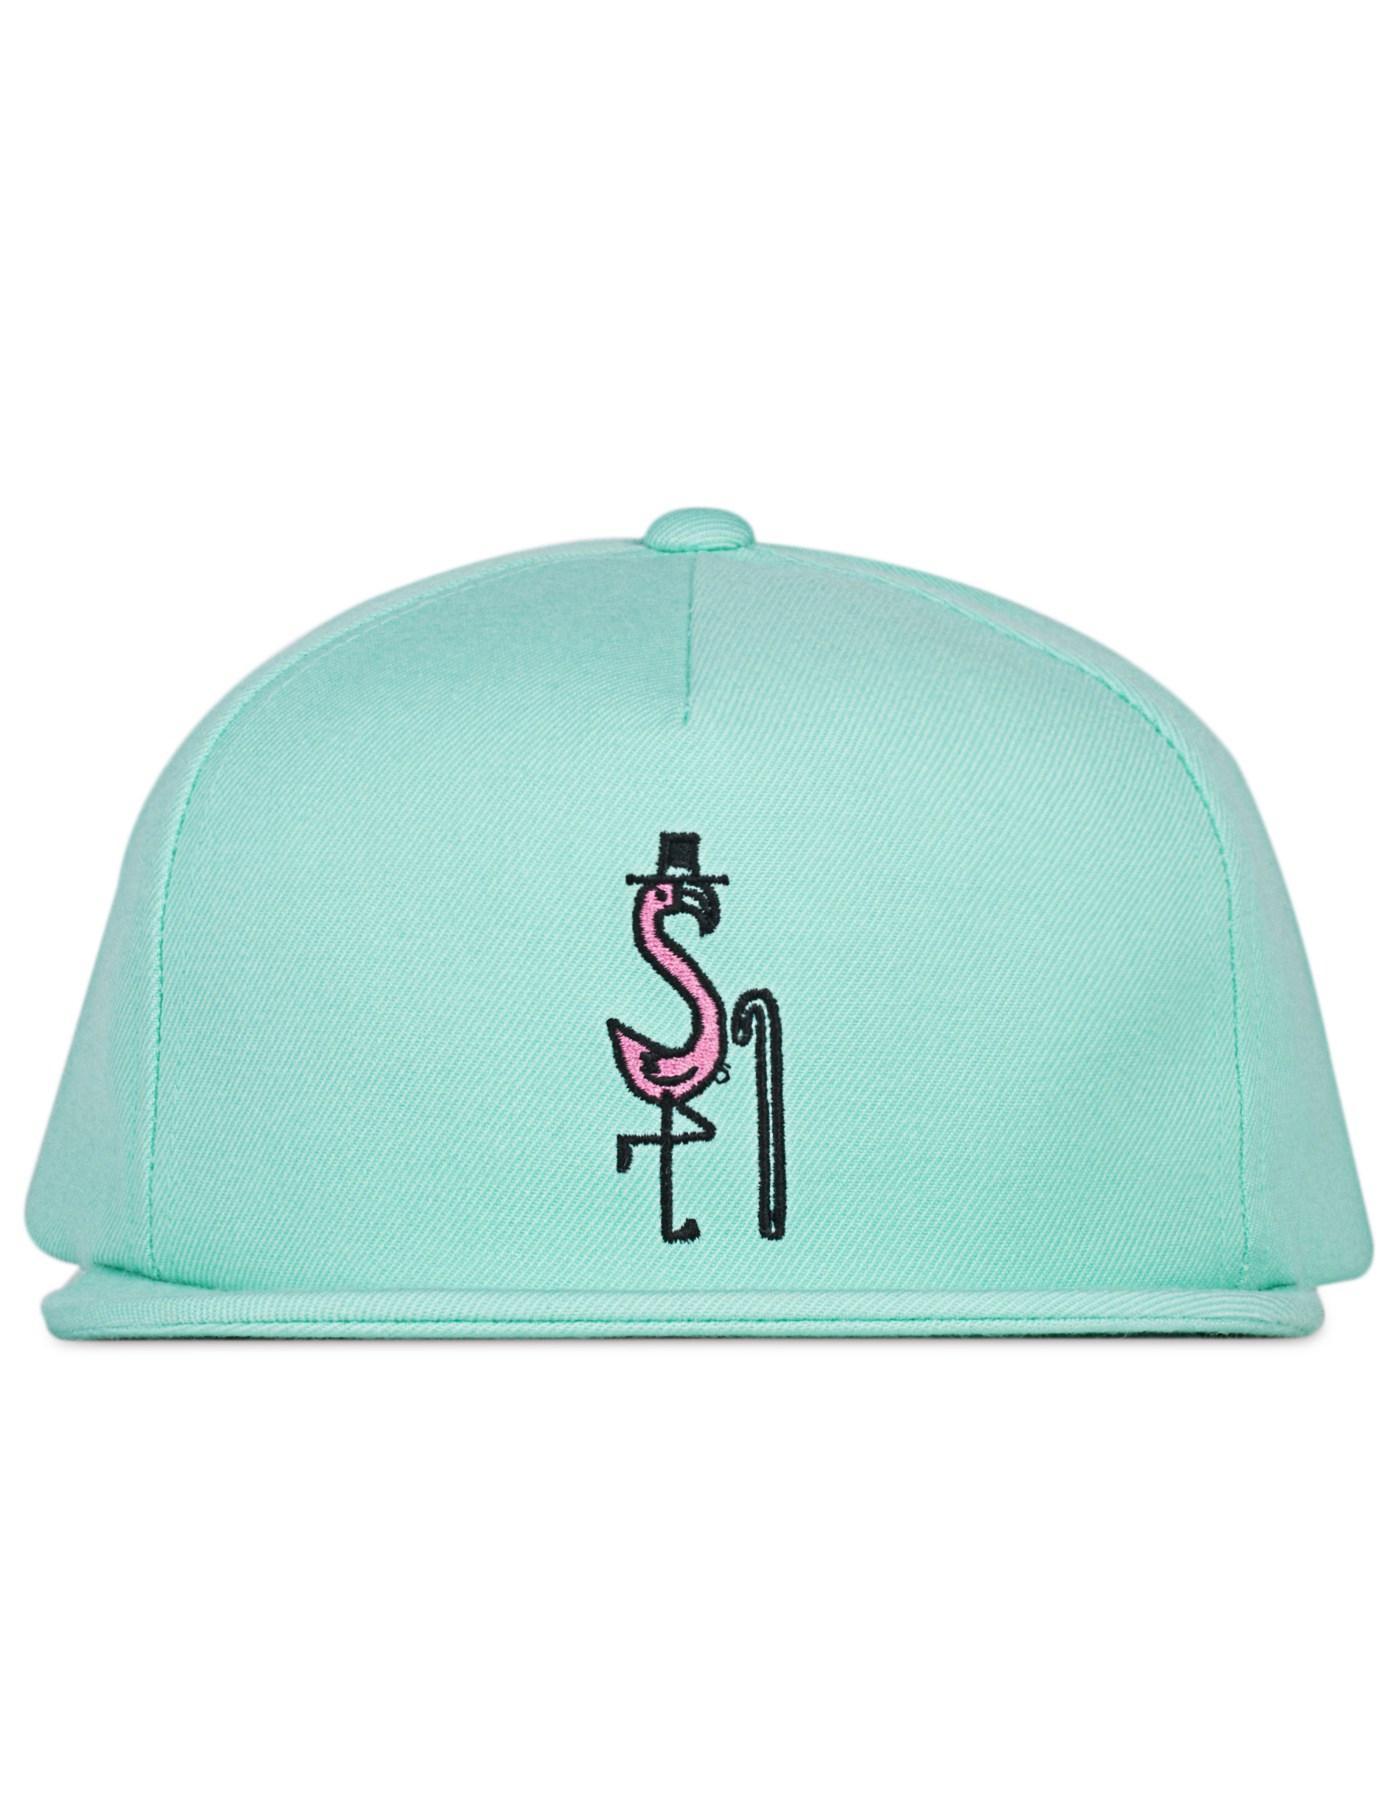 c0a0d3b3e53 Lyst - Stussy Flamingo Cap for Men